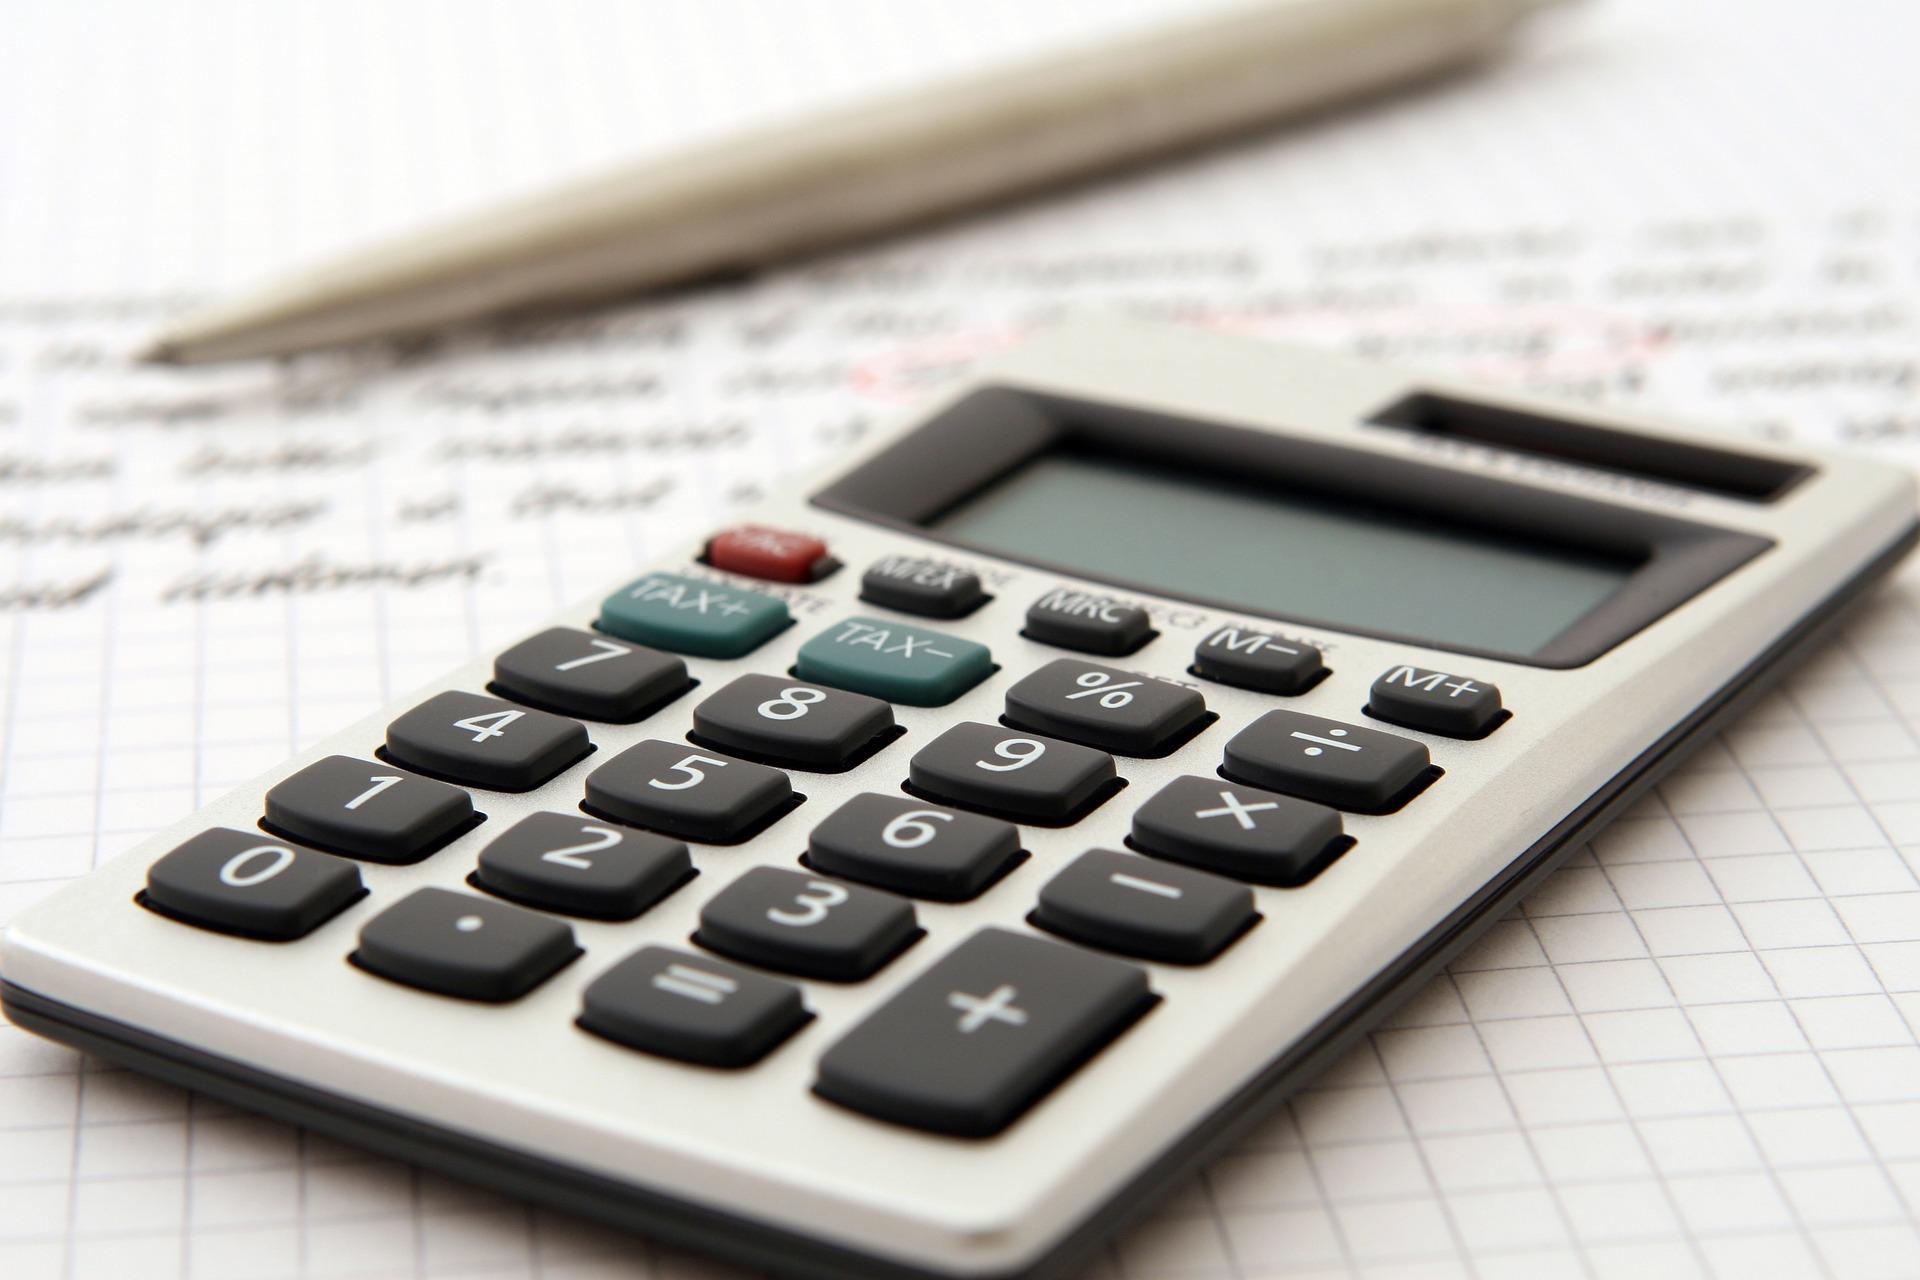 【不動産事業者向け】不動産取得税とは?いくらかかるのか?(2019年6月現在)